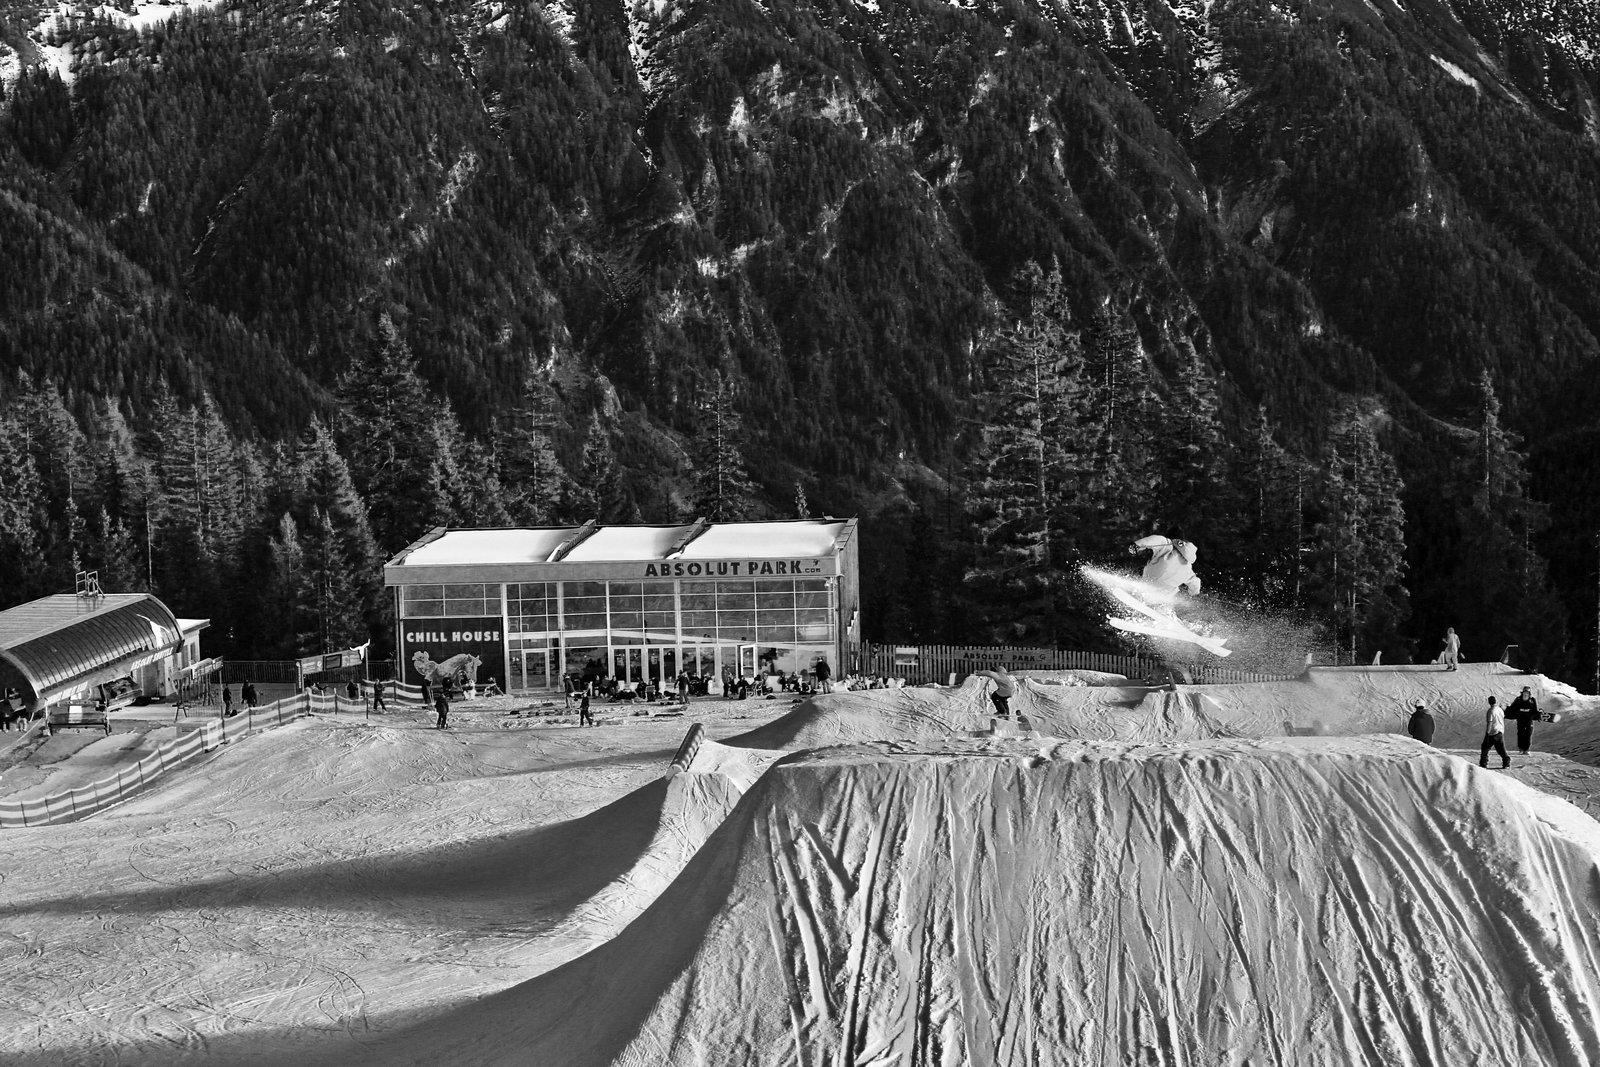 Absolut park black & white